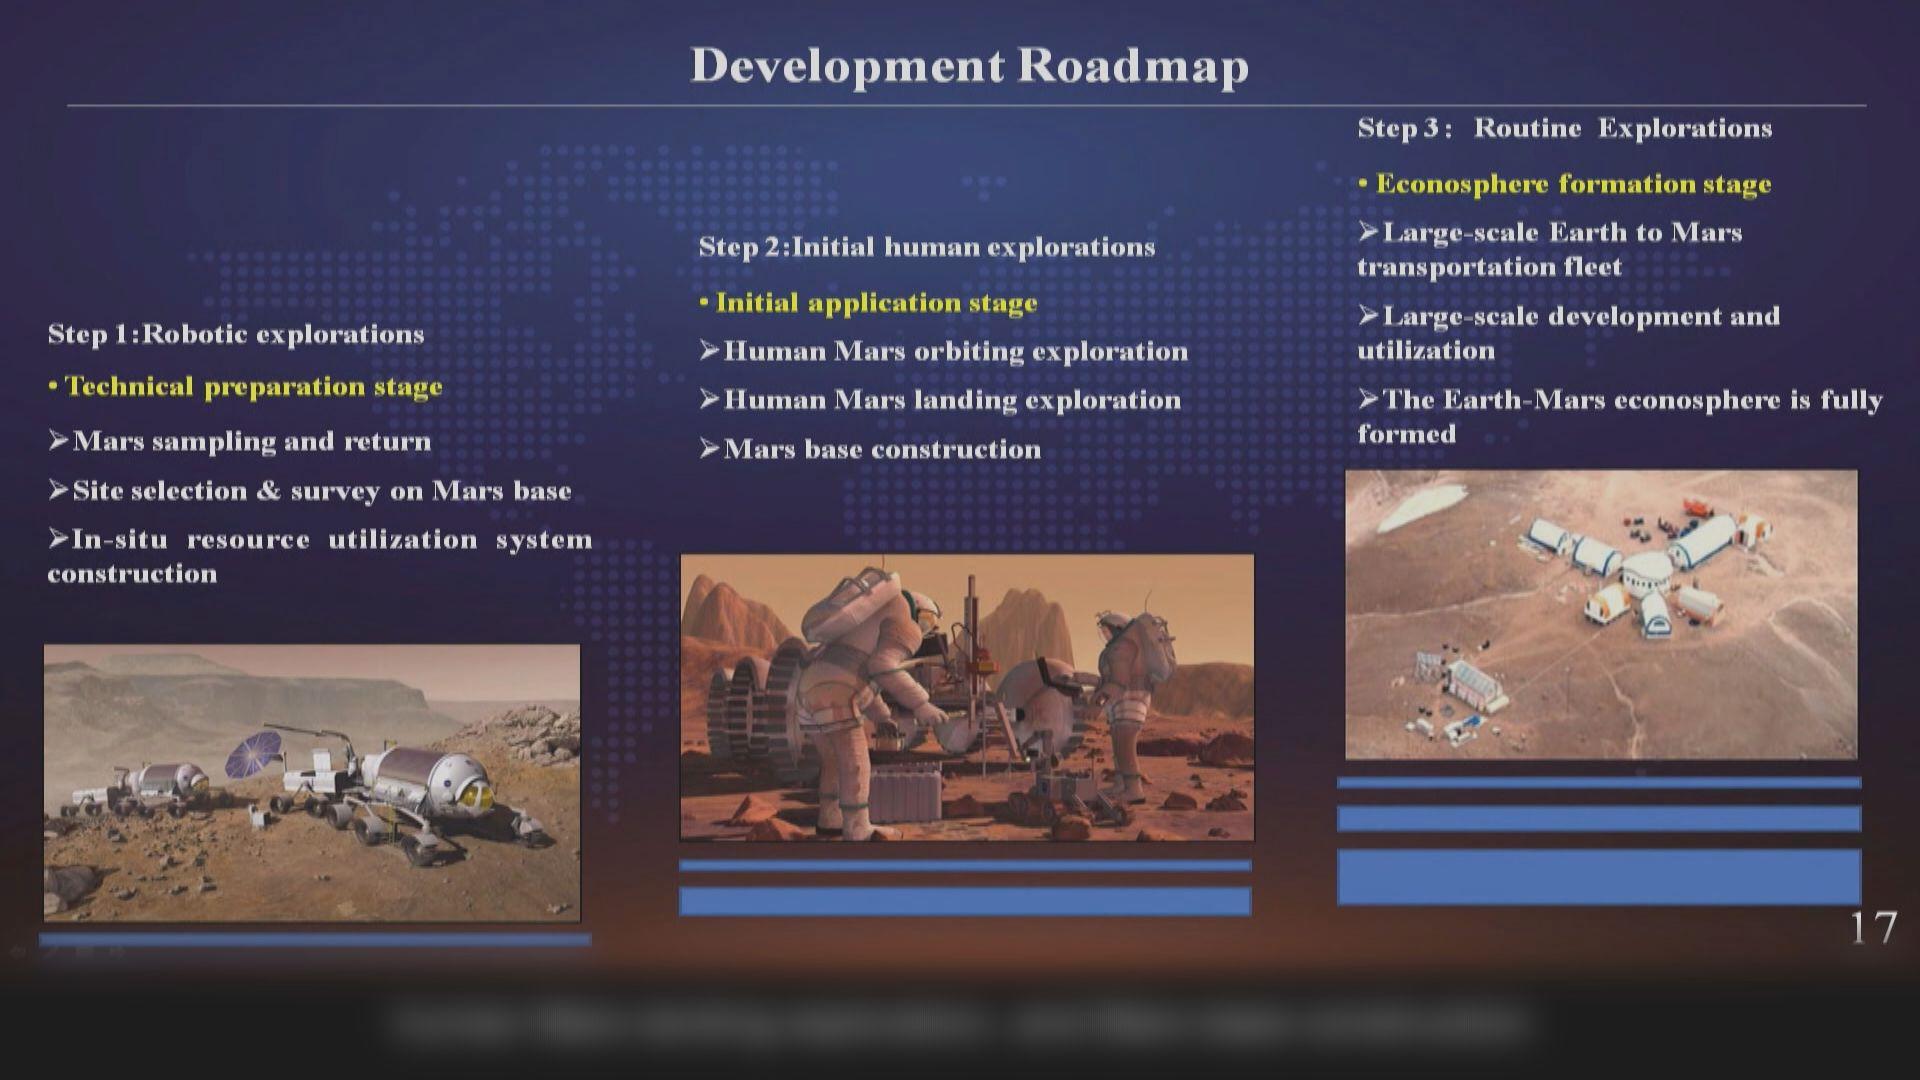 中國公布載人火星探測「三步走」設想